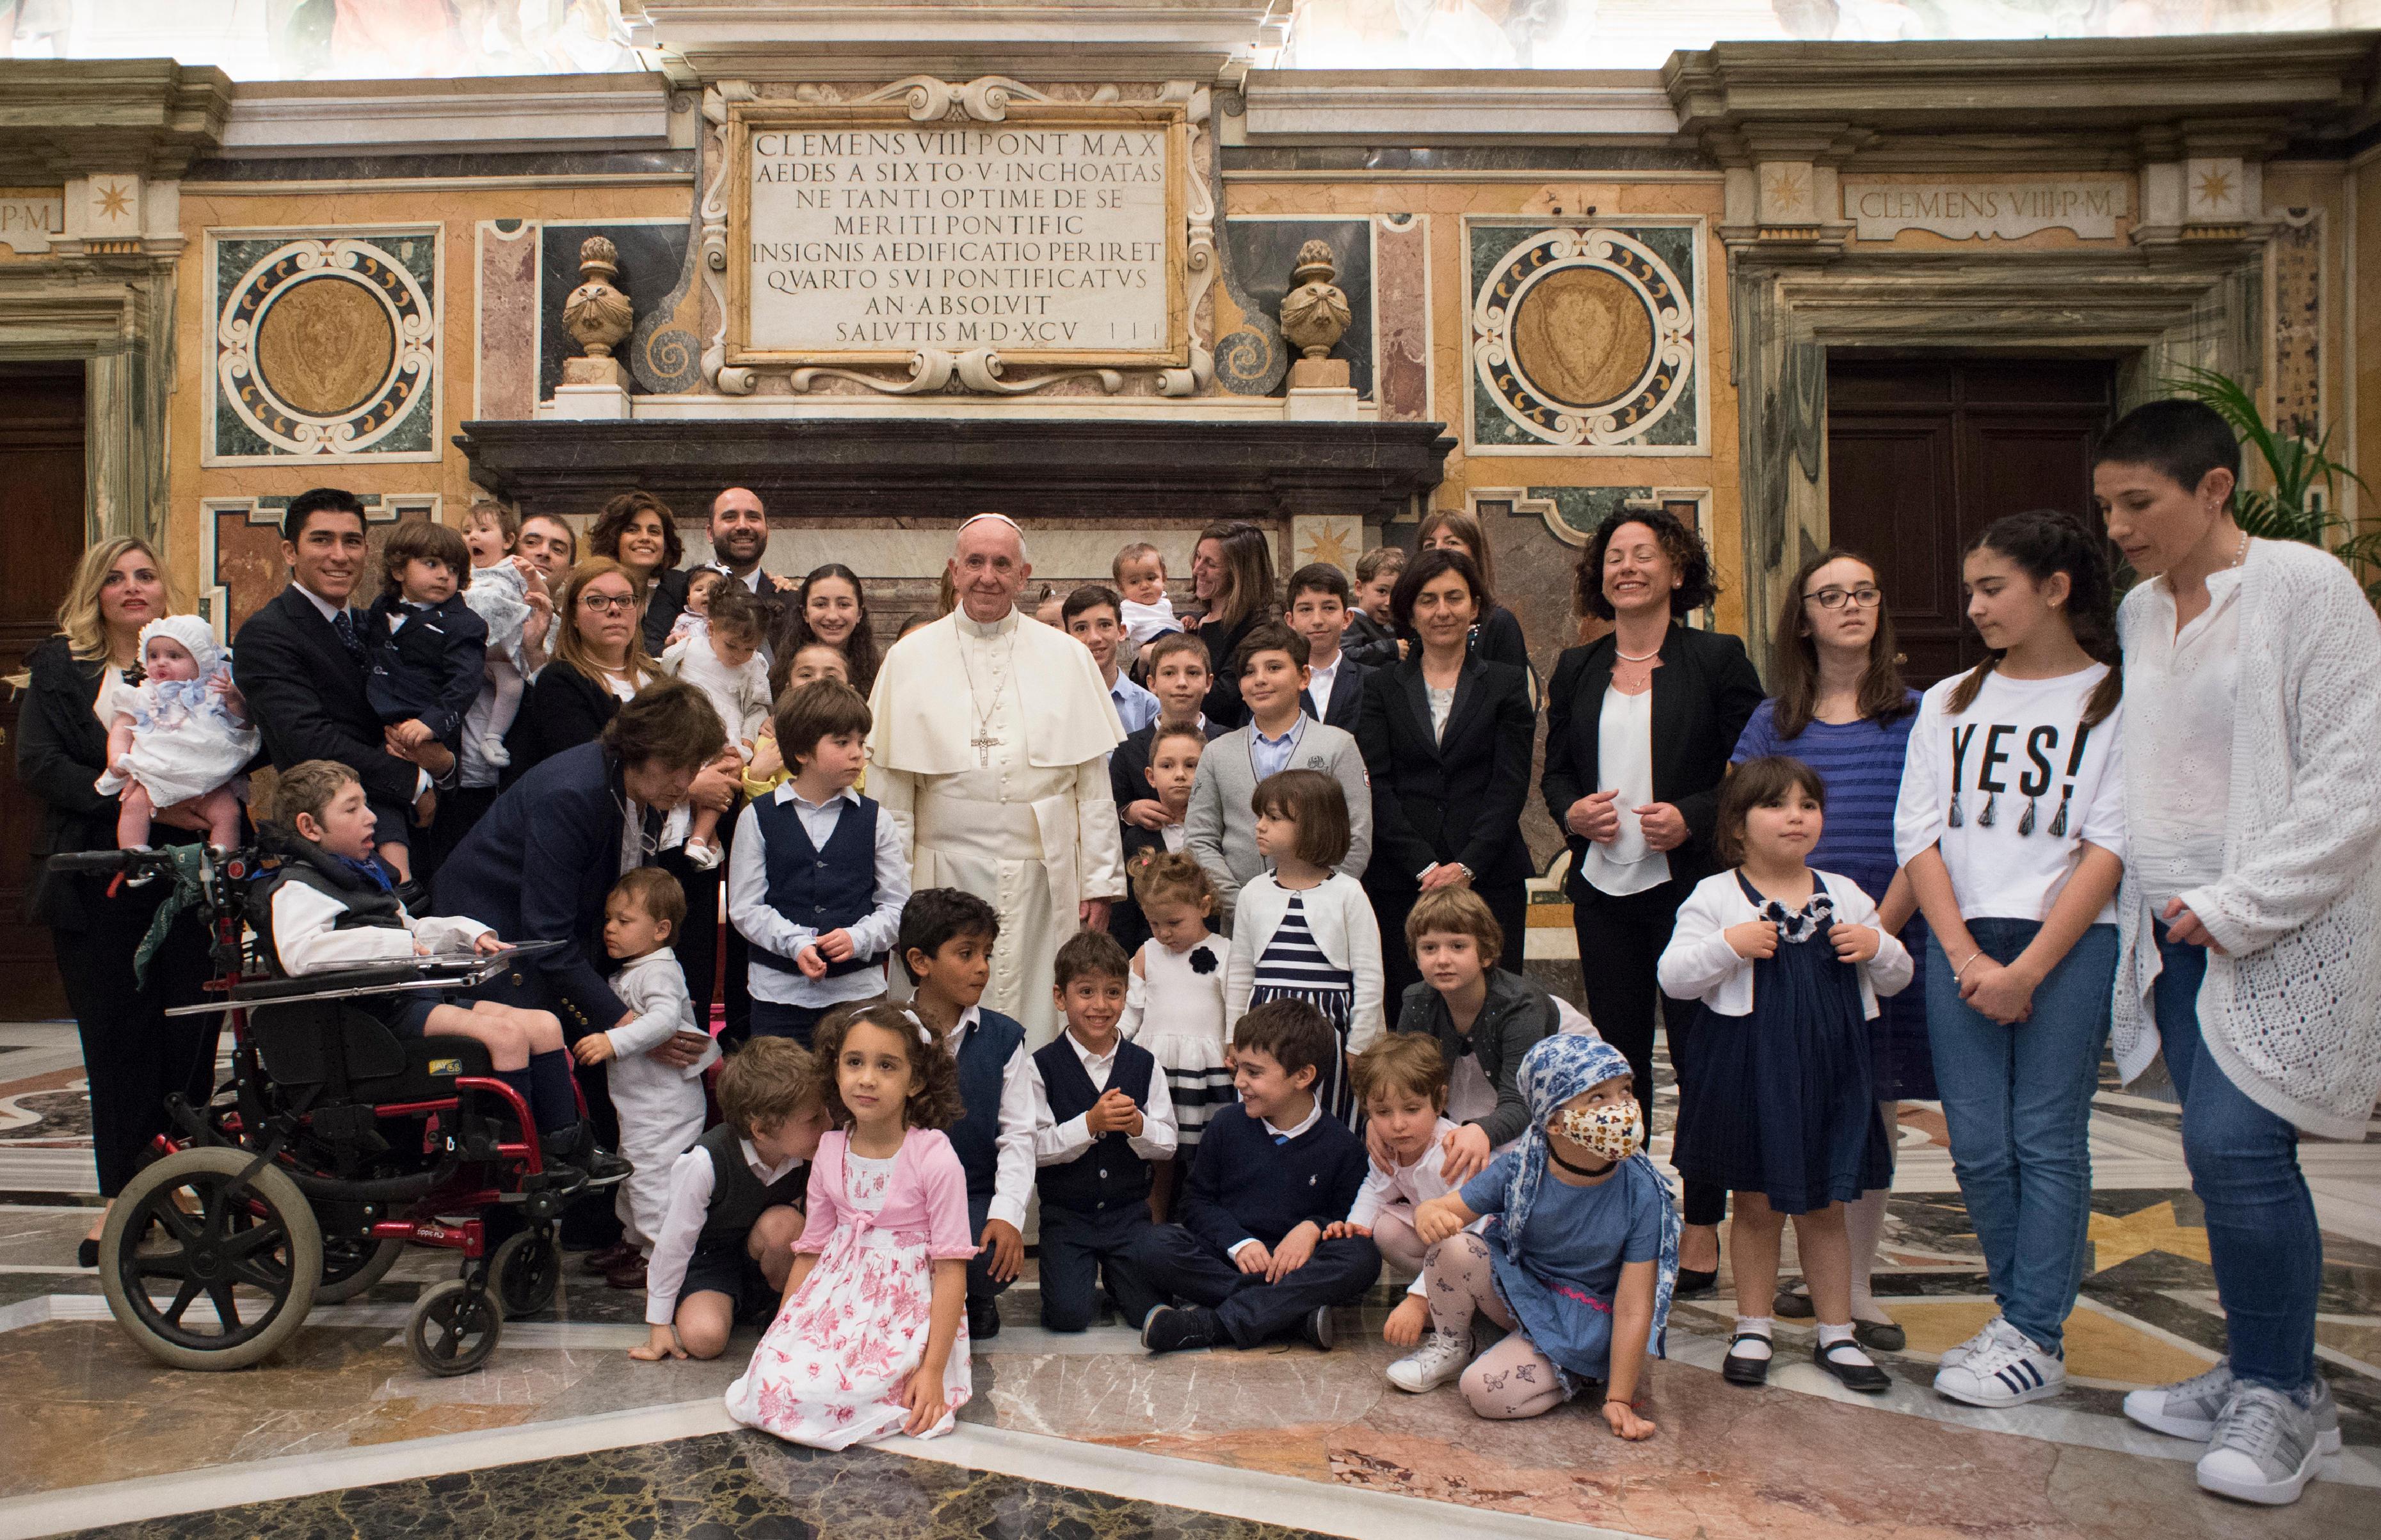 Association Legia 12/05/2018 © Vatican Media